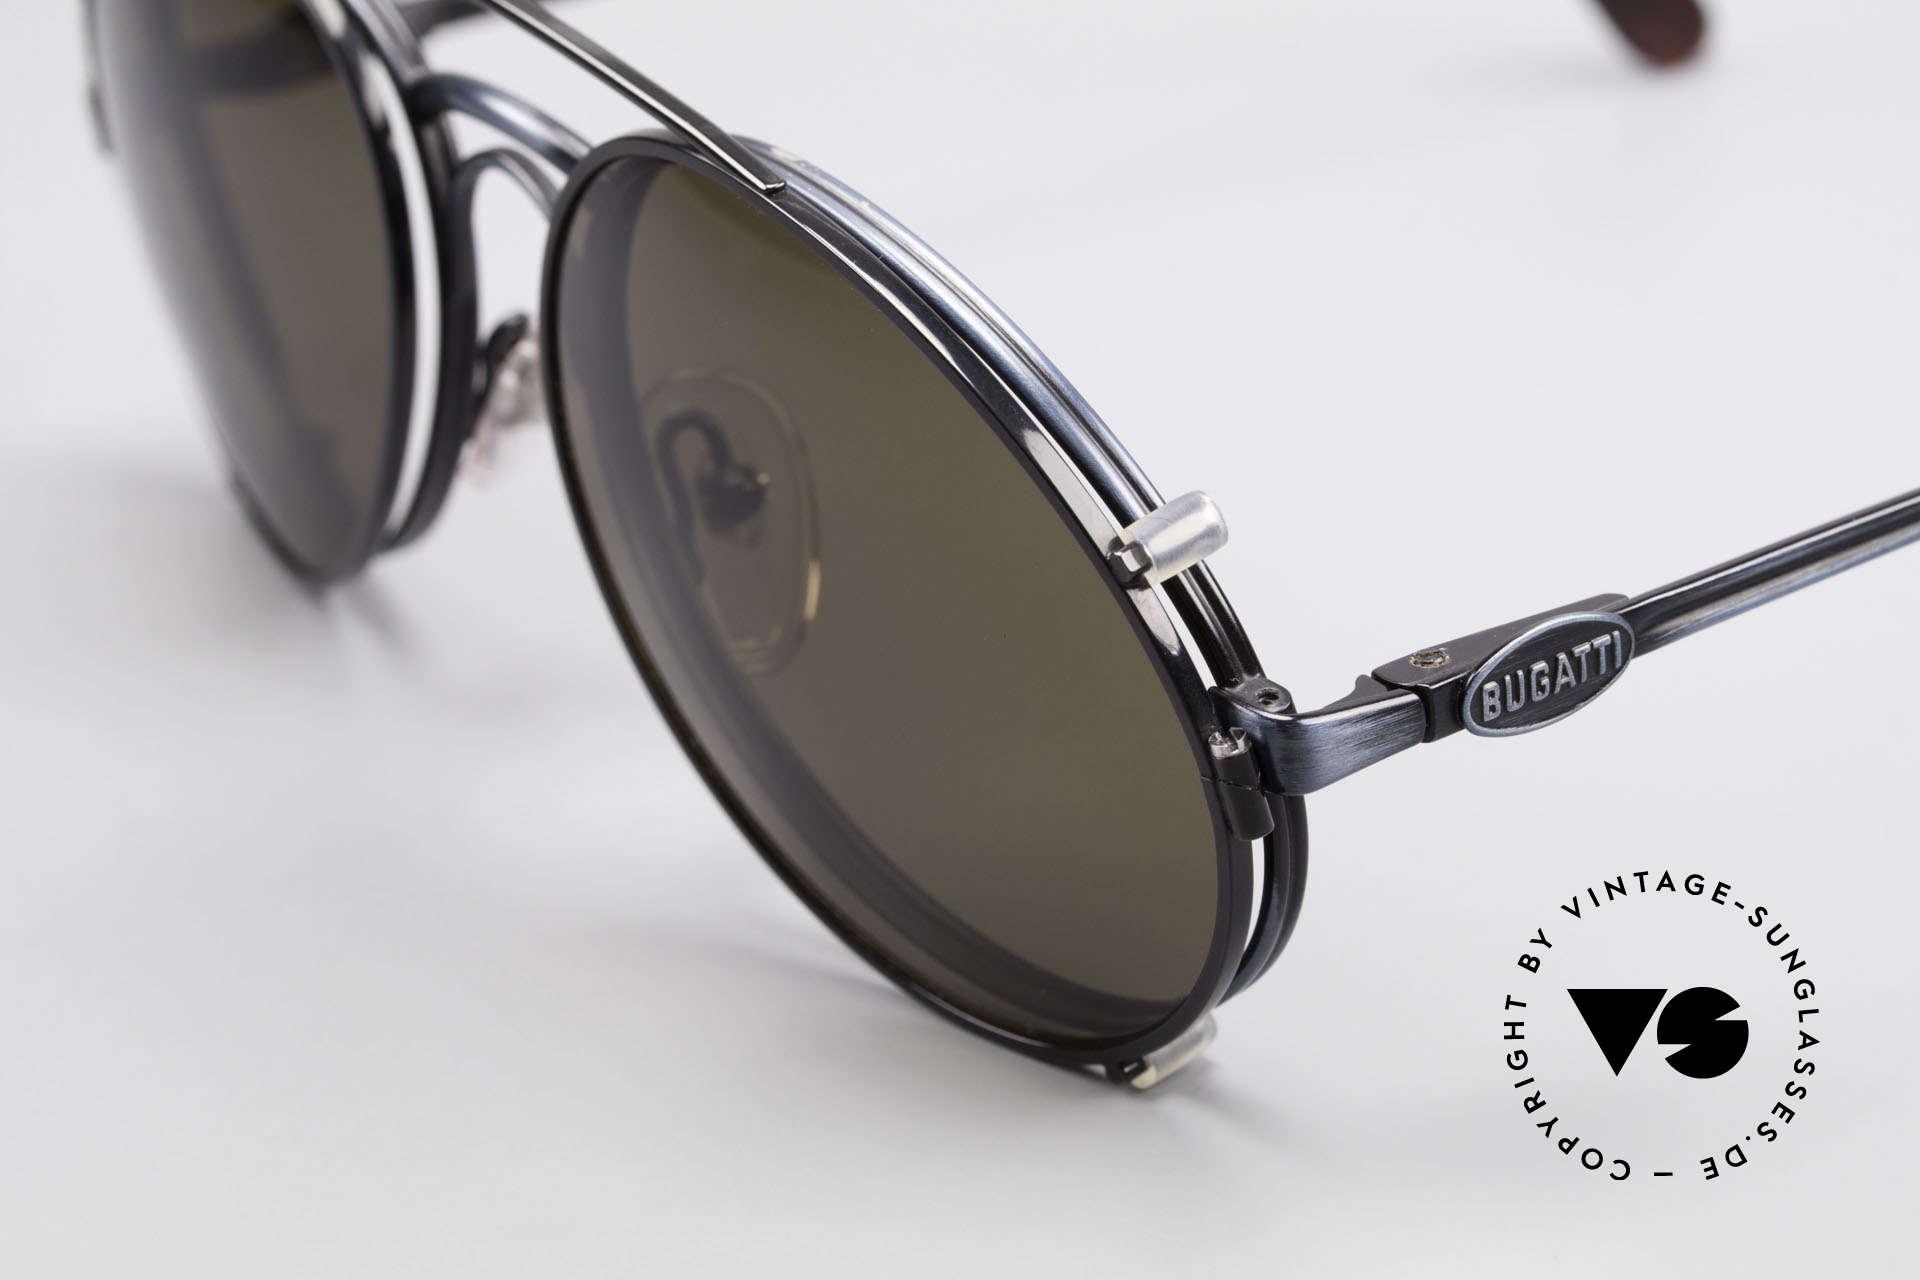 Bugatti 03328 Herrensonnenbrille Clip On, ungetragen (wie alle unsere vintage Bugatti Modelle), Passend für Herren